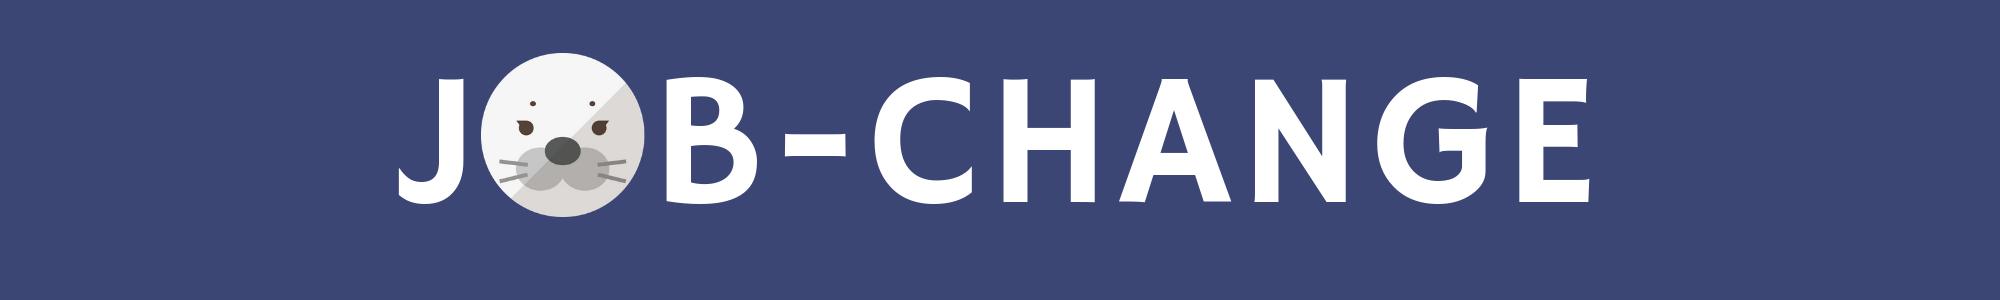 JOB-CHANGE